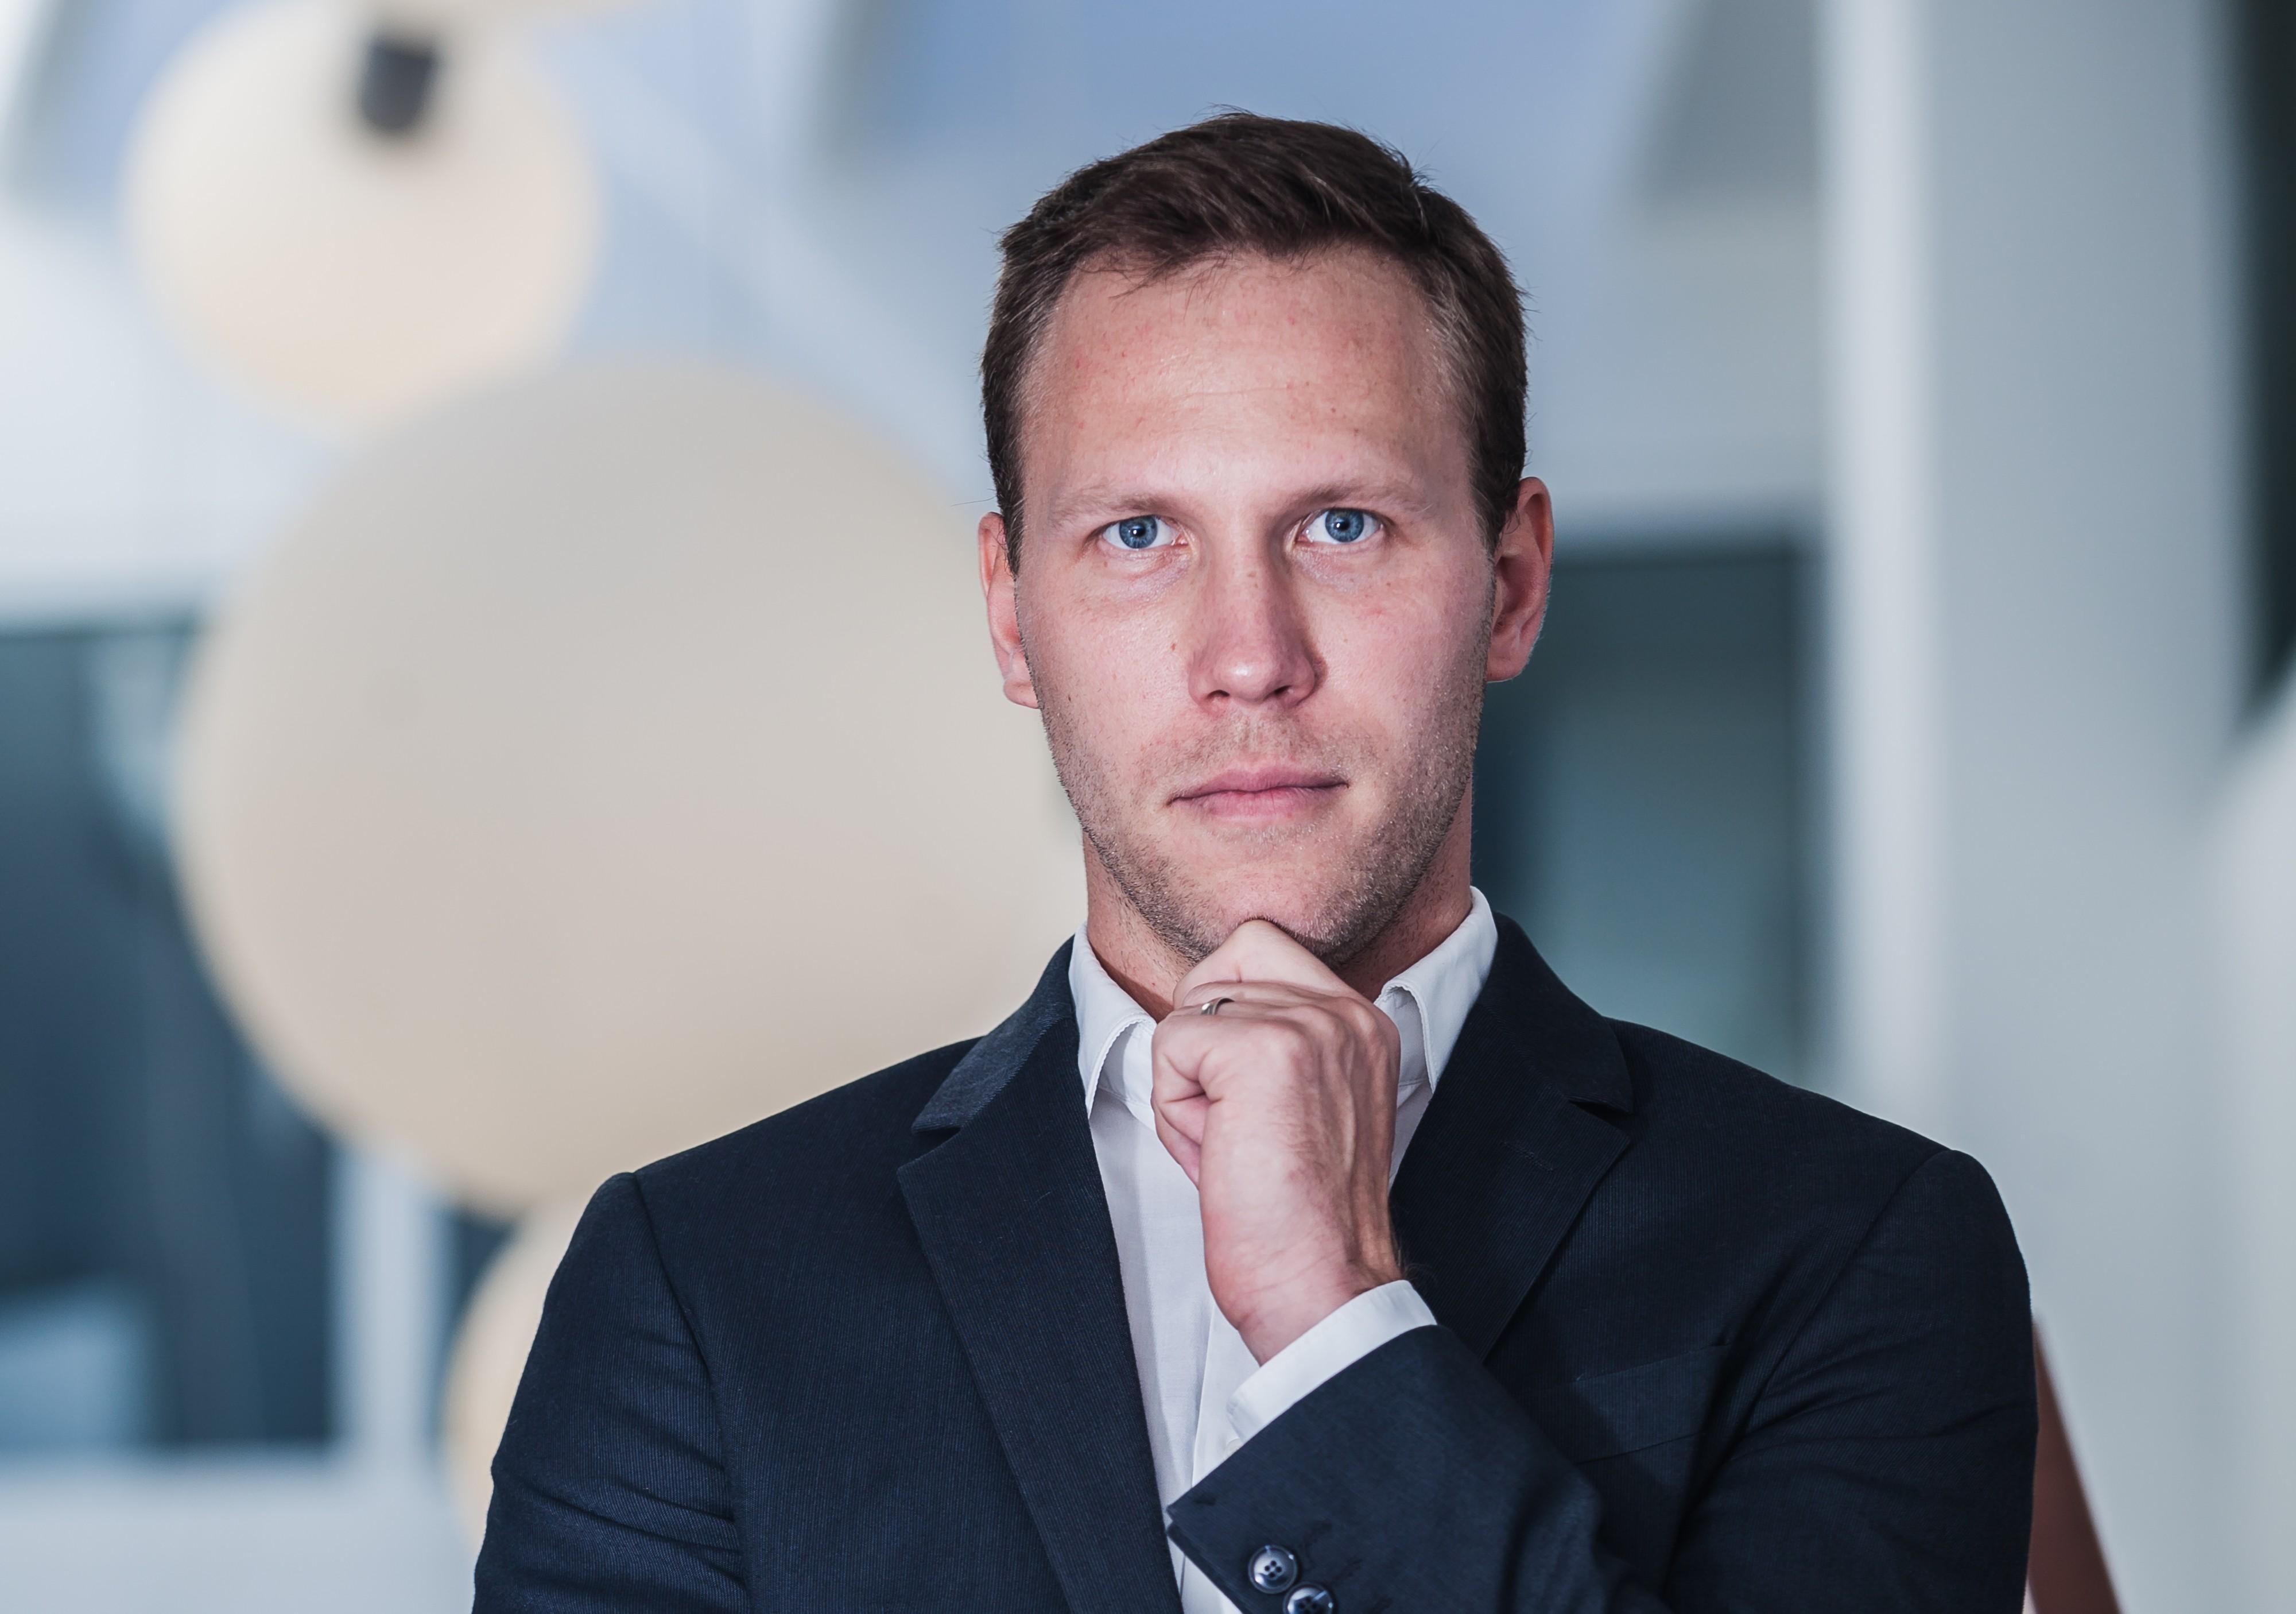 Klemen Zupančič, CEO do SciNote: primeira plataforma a usar inteligência artificial para escrever artigos científicos (Foto: divulgação)